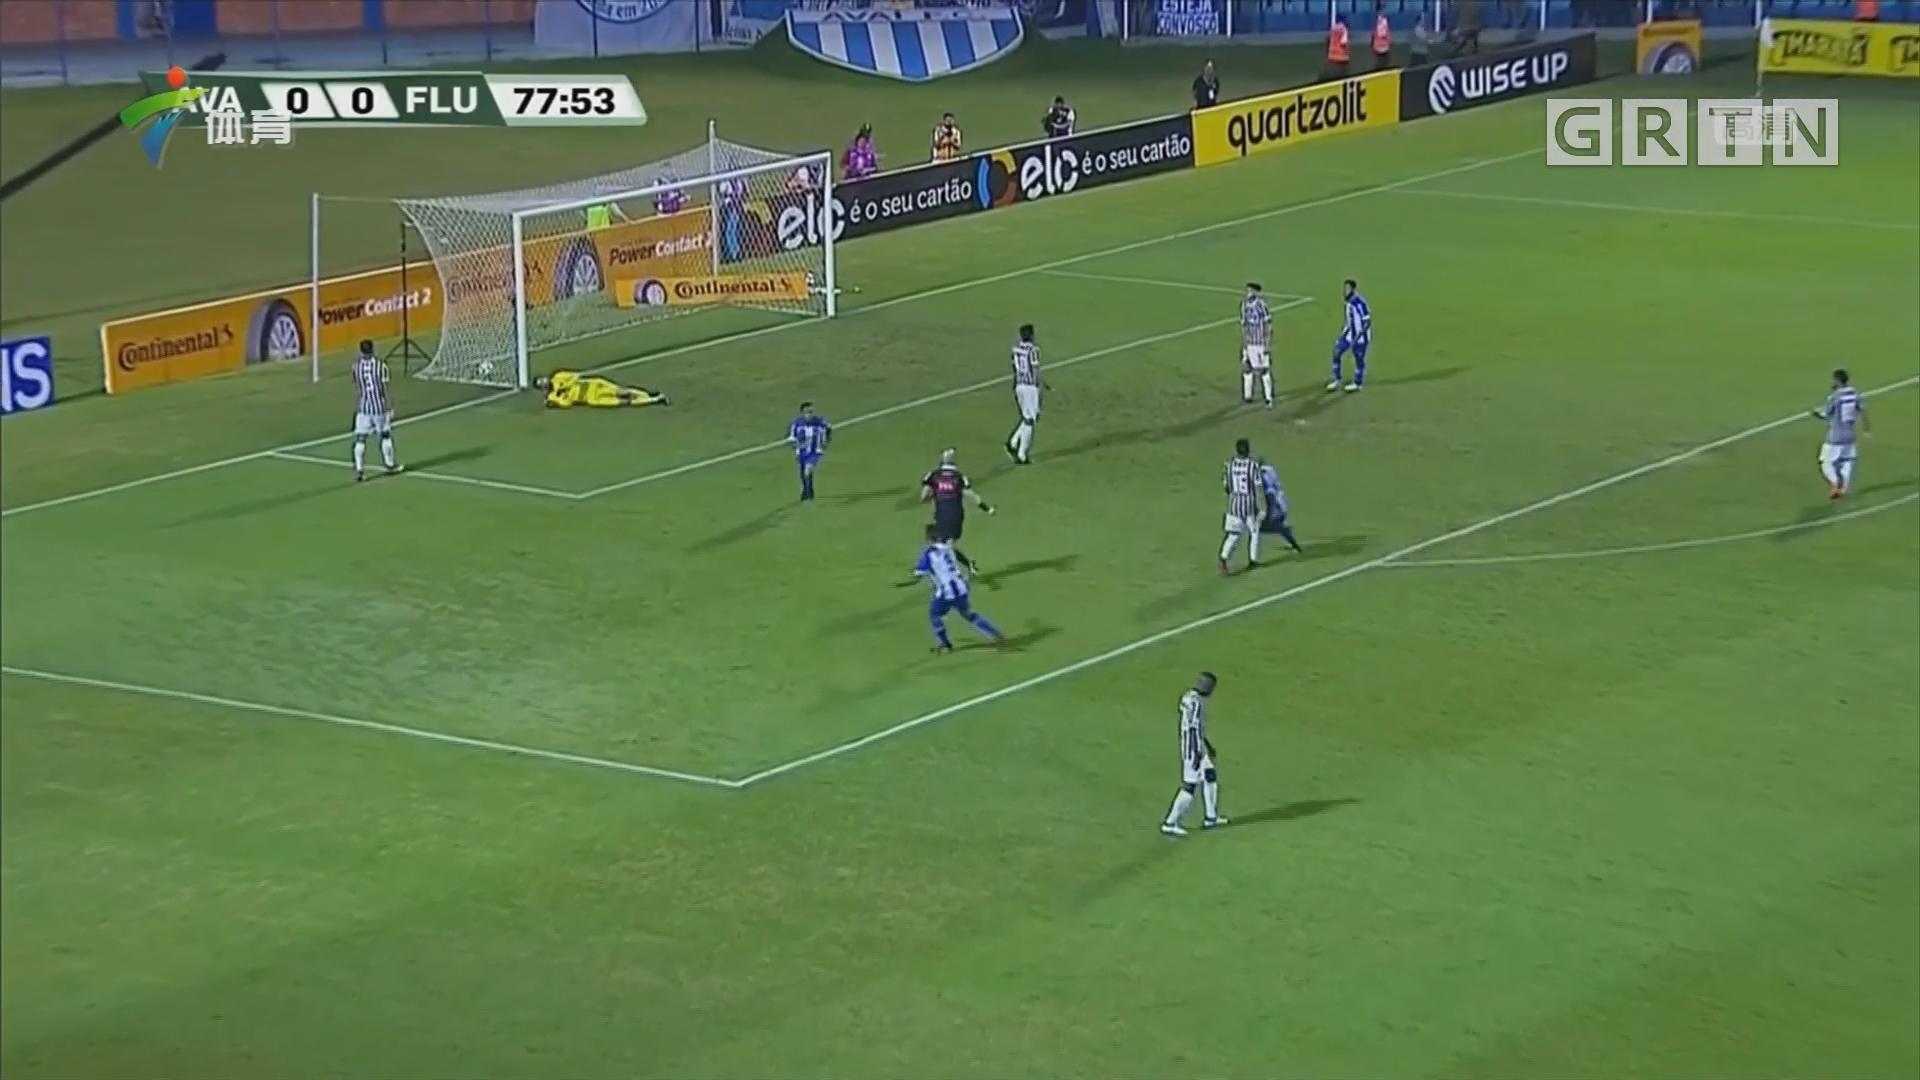 巴西杯 奥瓦队力克弗鲁米嫩塞